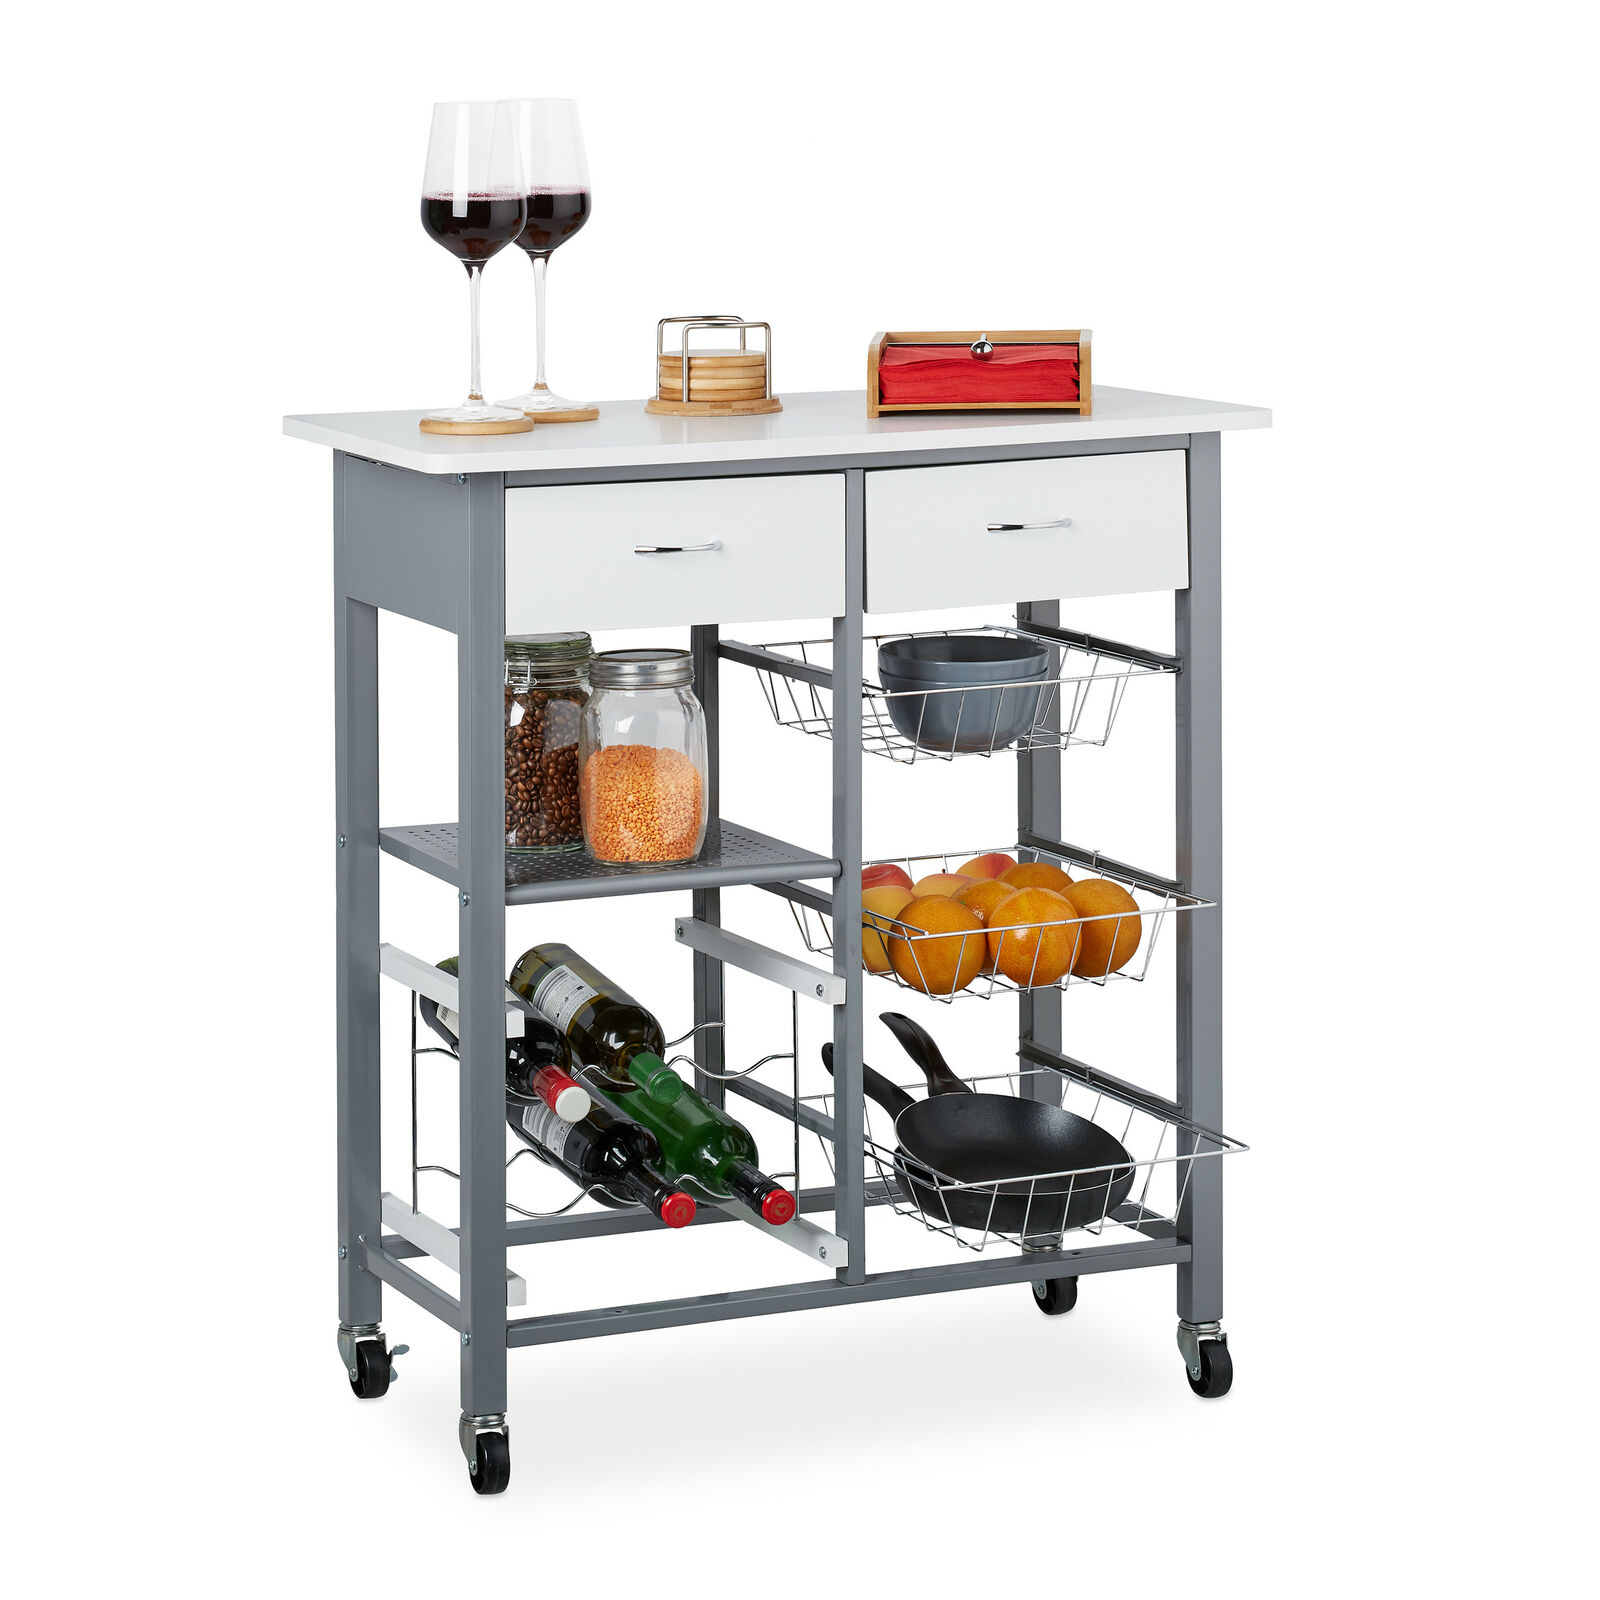 Full Size of Regale Mehr Als 10000 Angebote Hängeregal Küche Wohnzimmer Hängeregal Kücheninsel